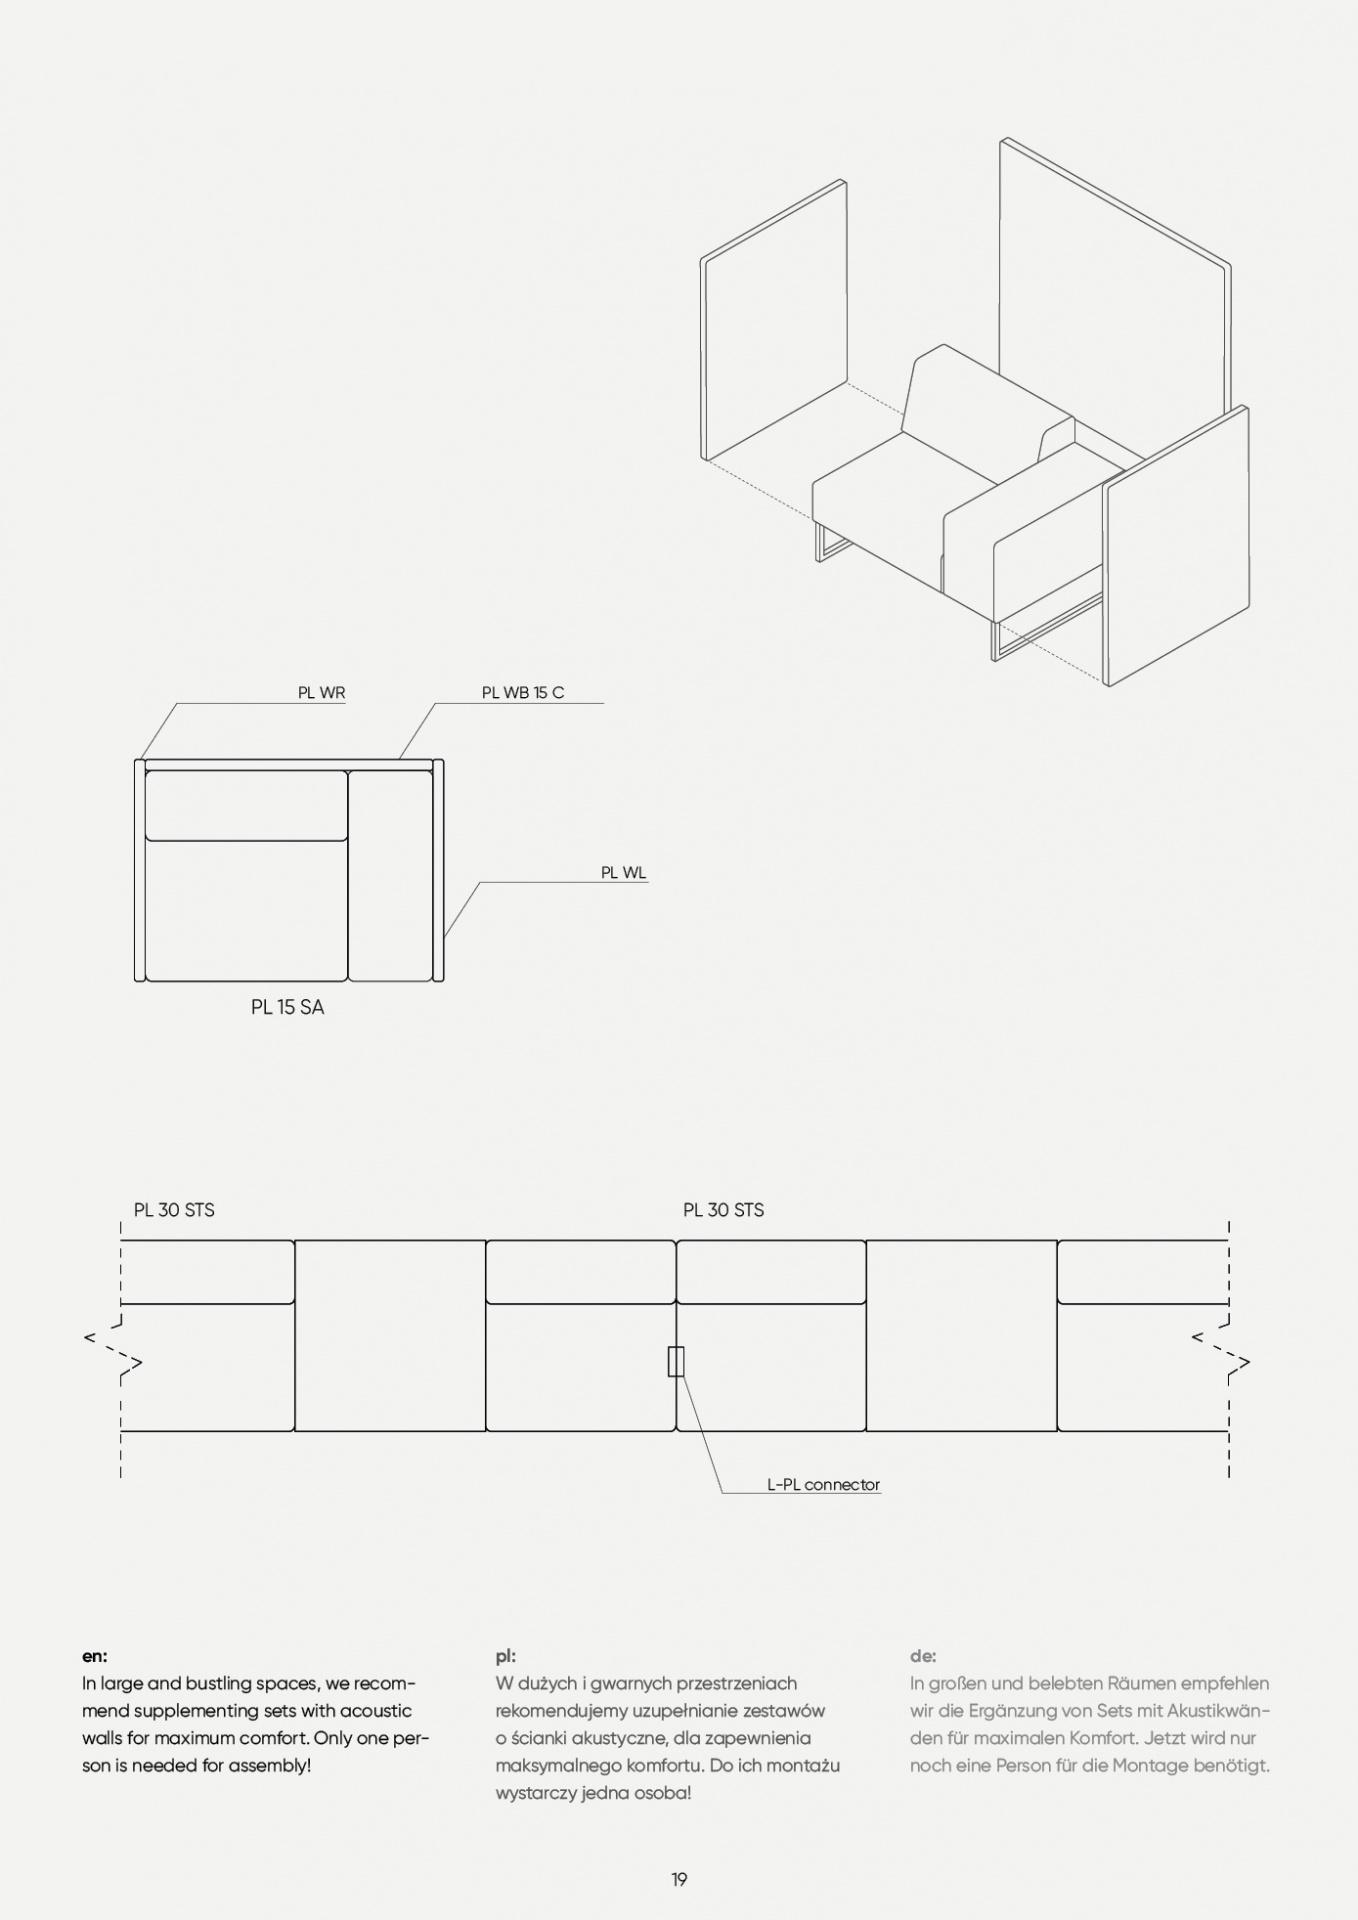 plint-catalogue-v2-19.jpg